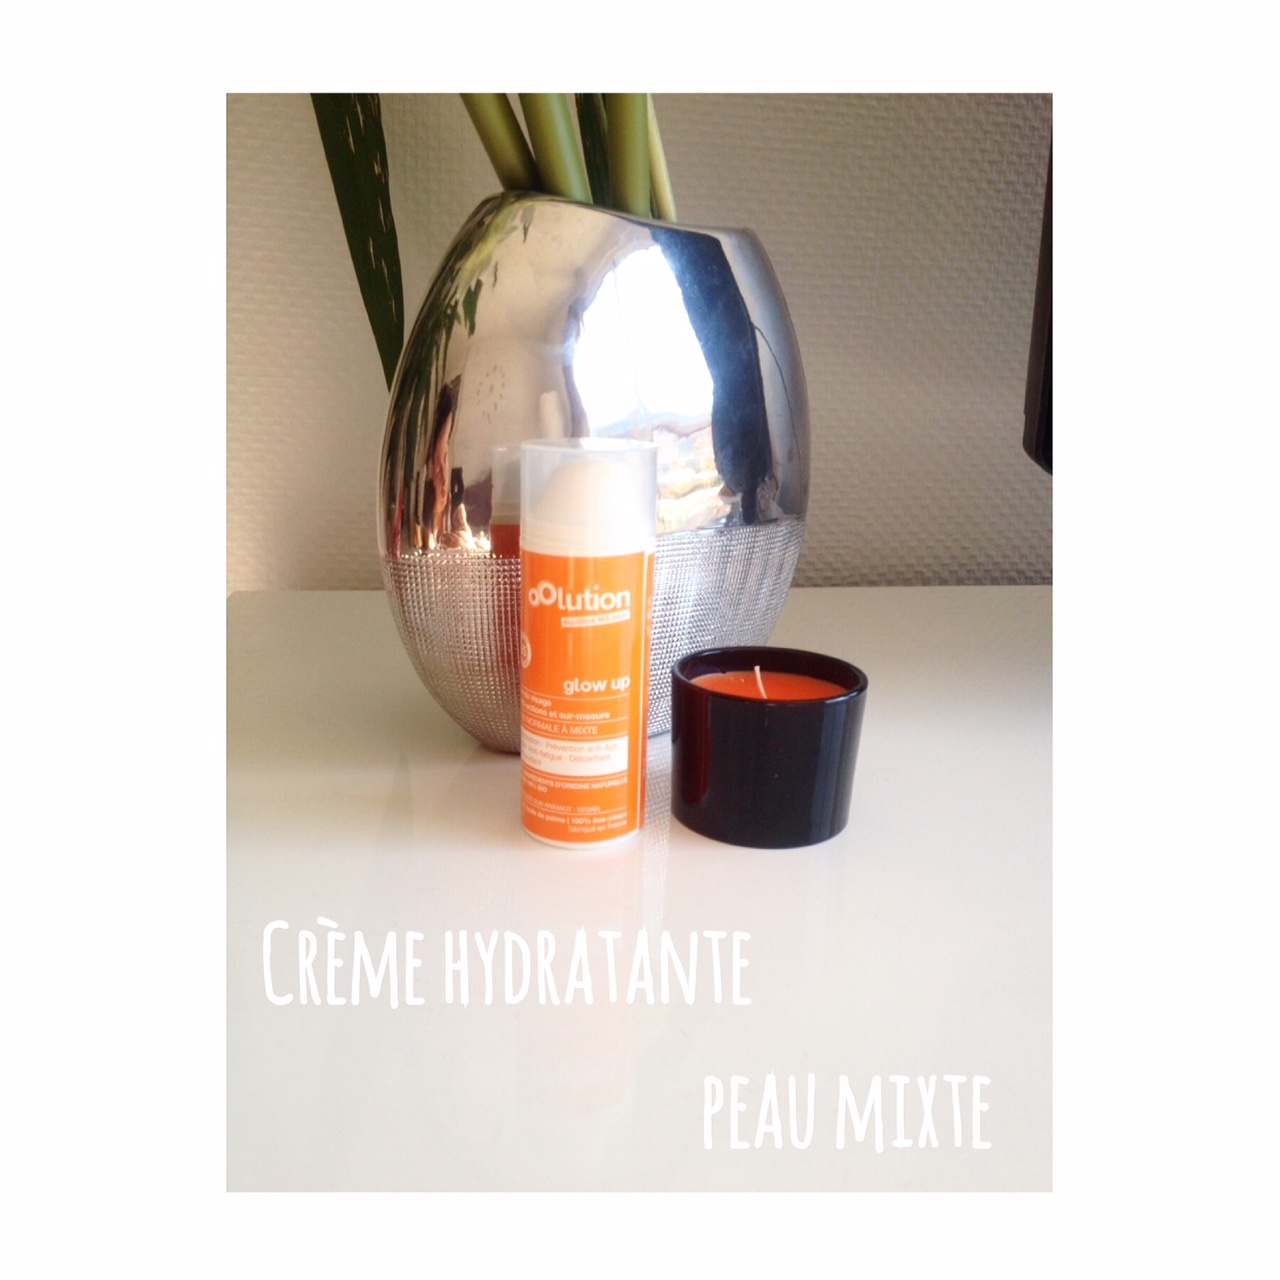 Oolution et sa crème hydratante